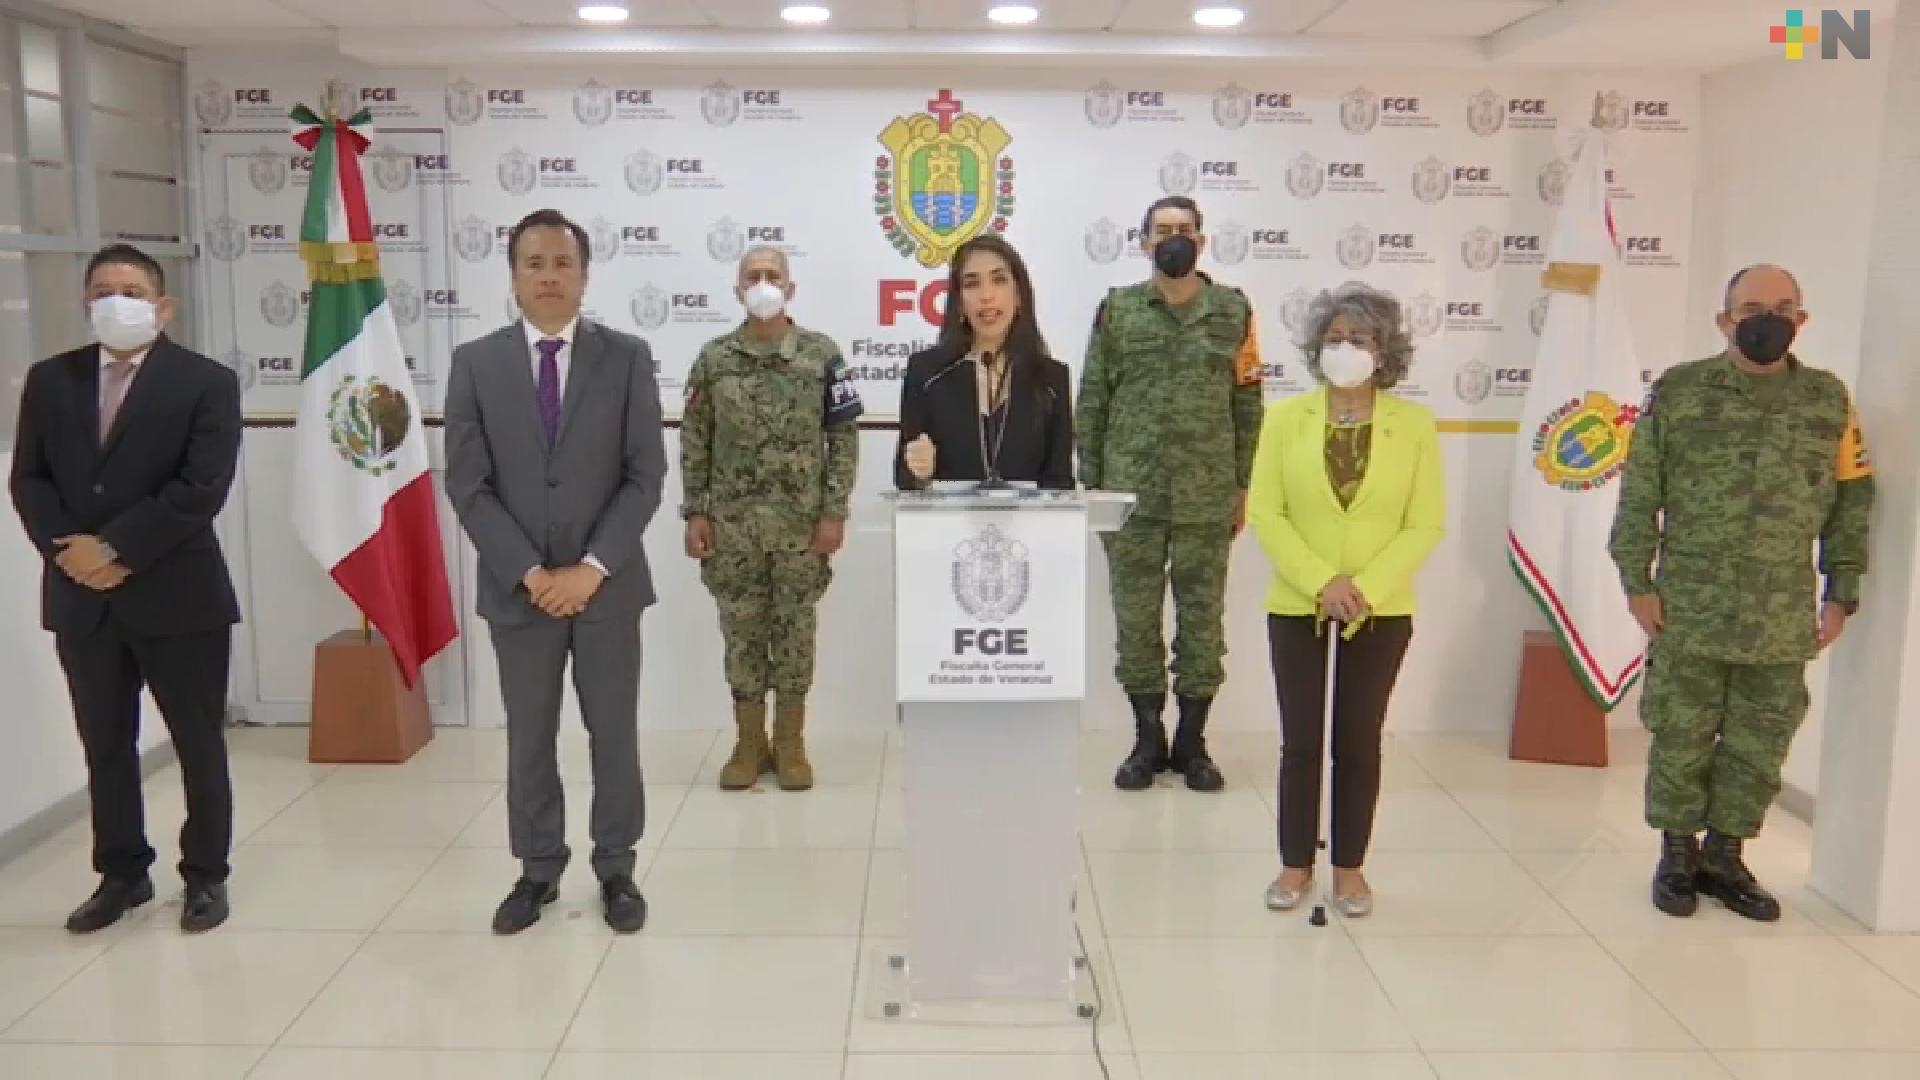 Coordinación, la mejor estrategia para combatir a la delincuencia: Verónica Hernández Giadáns, a un año al frente de la FGE